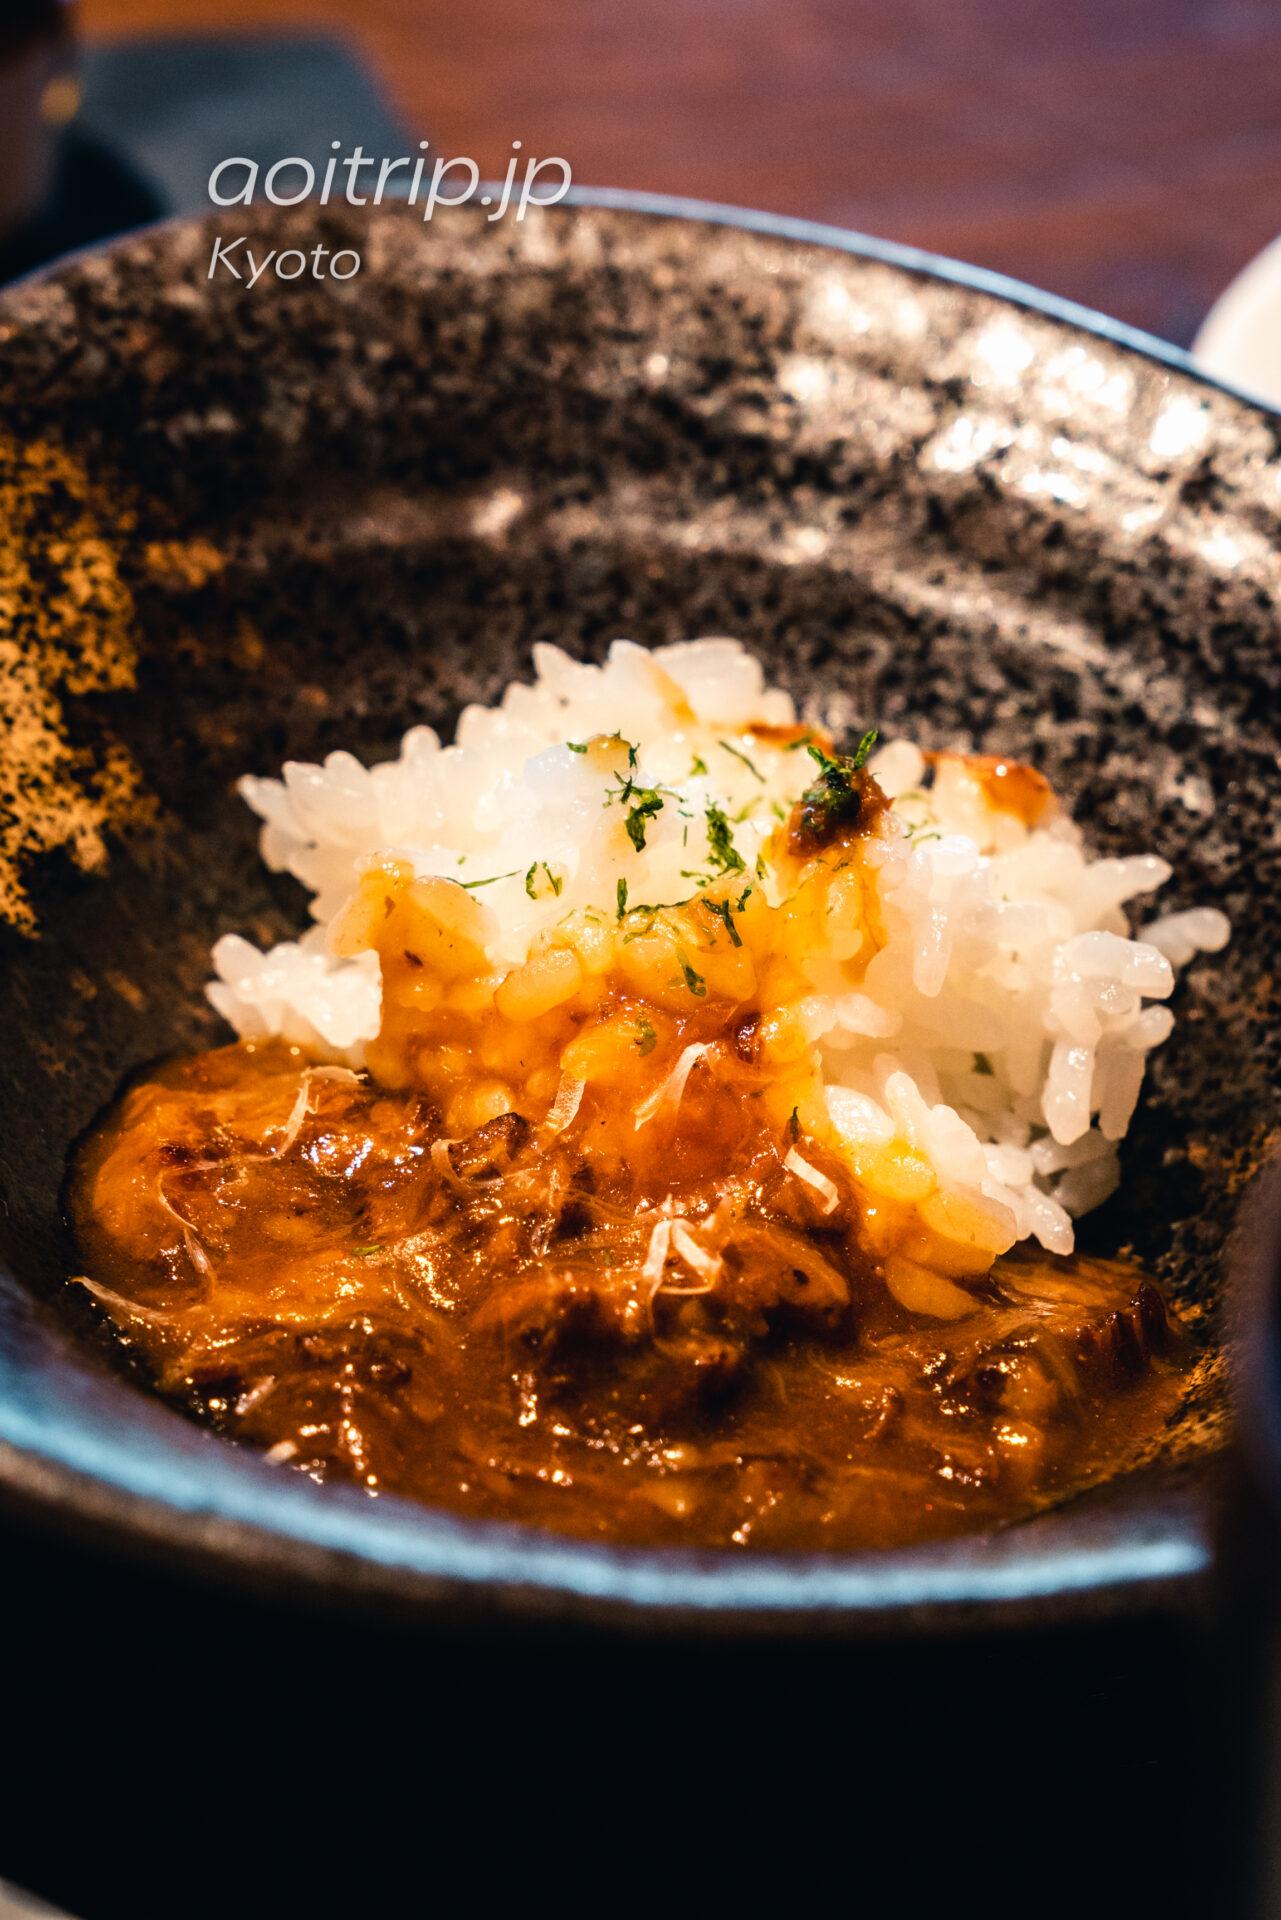 翠嵐 ラグジュアリーコレクションホテル 京都 レストラン京翠嵐の朝食 ビーフストロガノフ